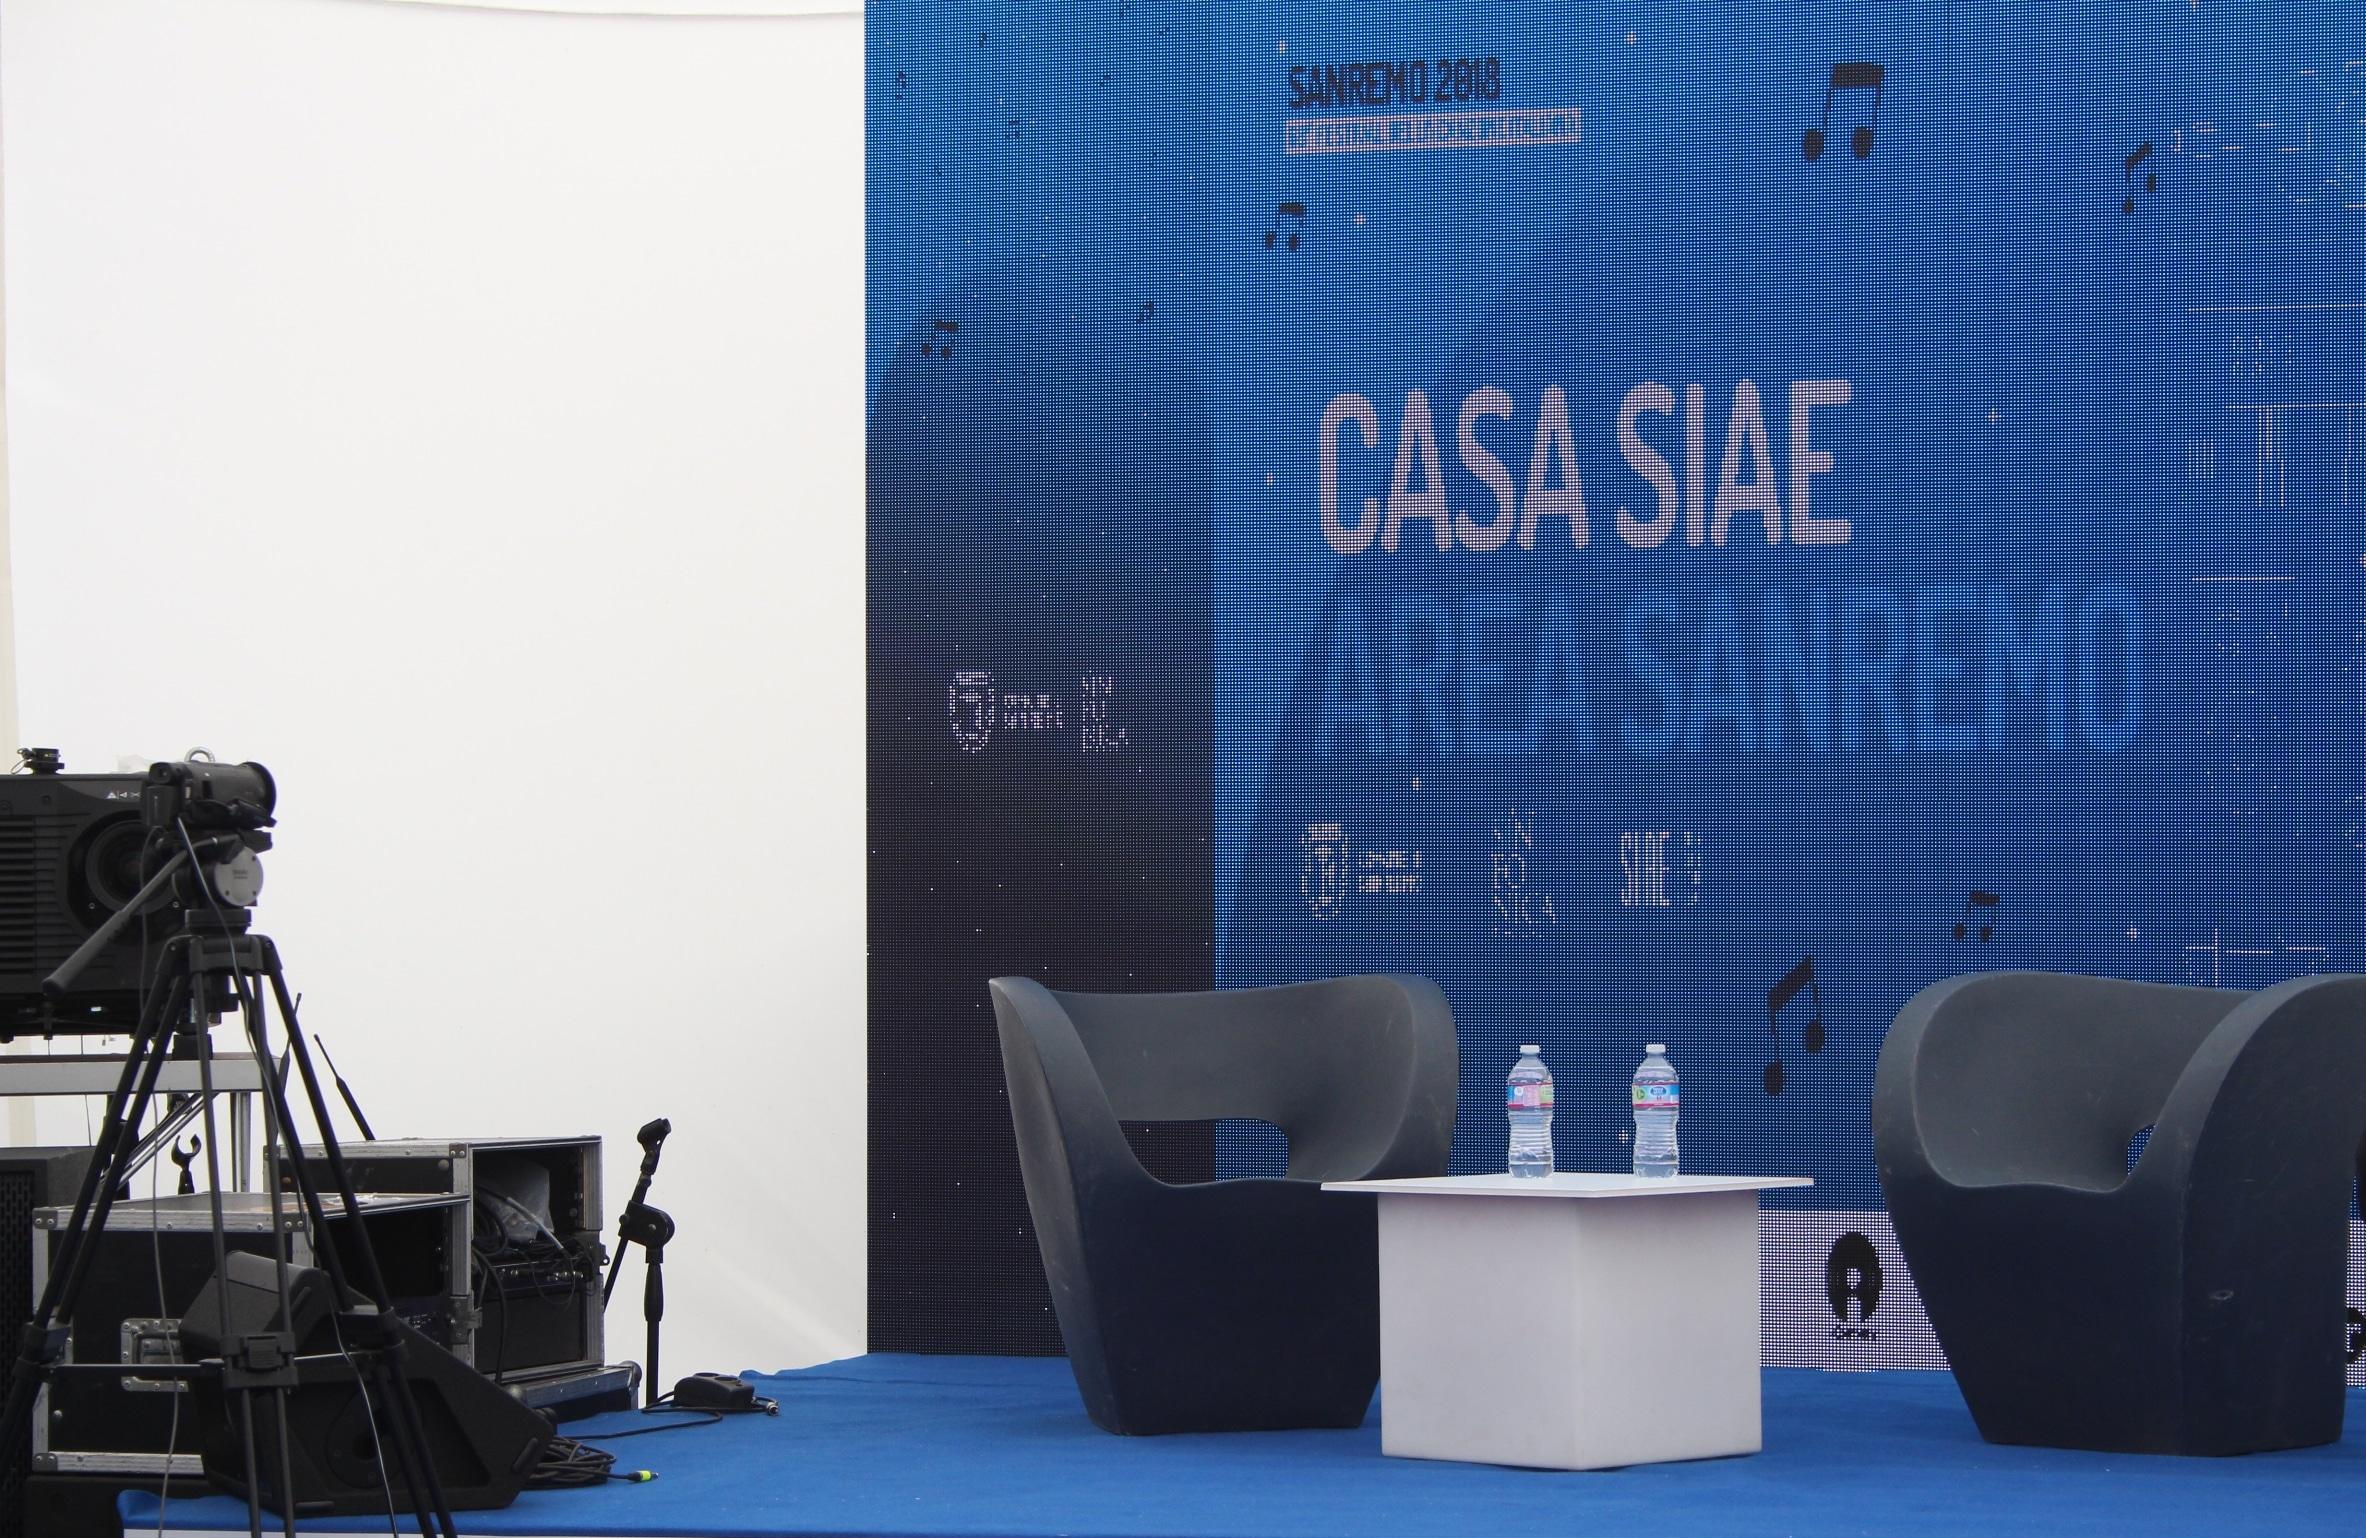 Nasce da una proficua collaborazione tra il Comune di Sanremo, la Fondazione Orchestra Sinfonica di Sanremo e SIAE, insieme ad Area Sanremo, ma anche Anteros, Radio Italia e iCompany, che…